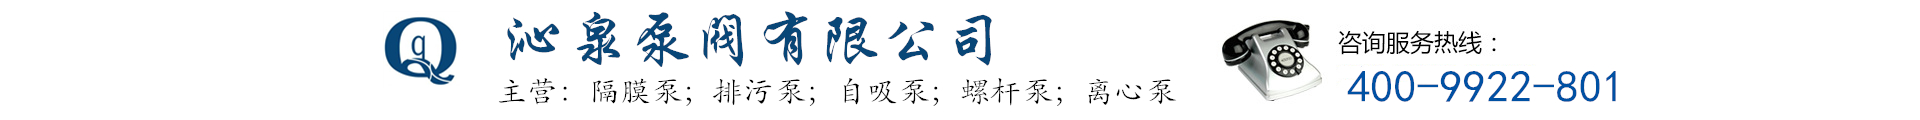 浙江沁泉泵閥有限公司